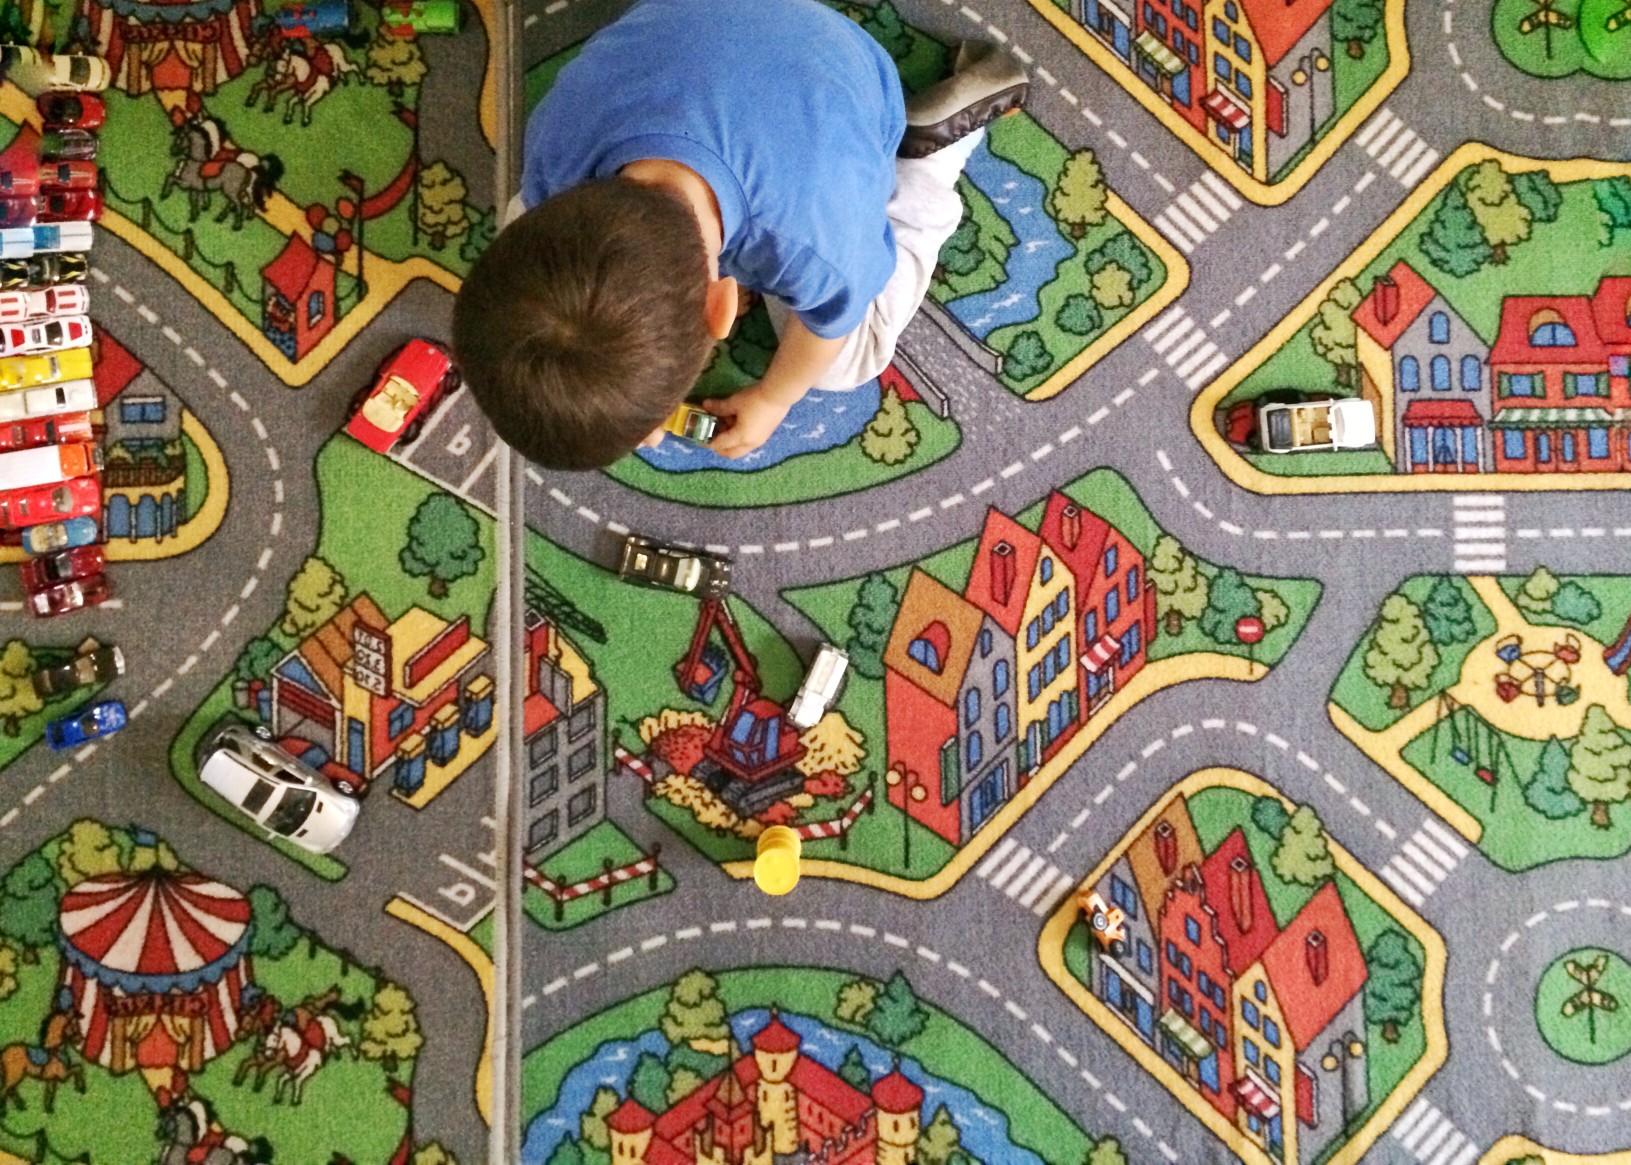 Kinderzimmer Teppich zum Spielen Bild: @delia3107 via Twenty20